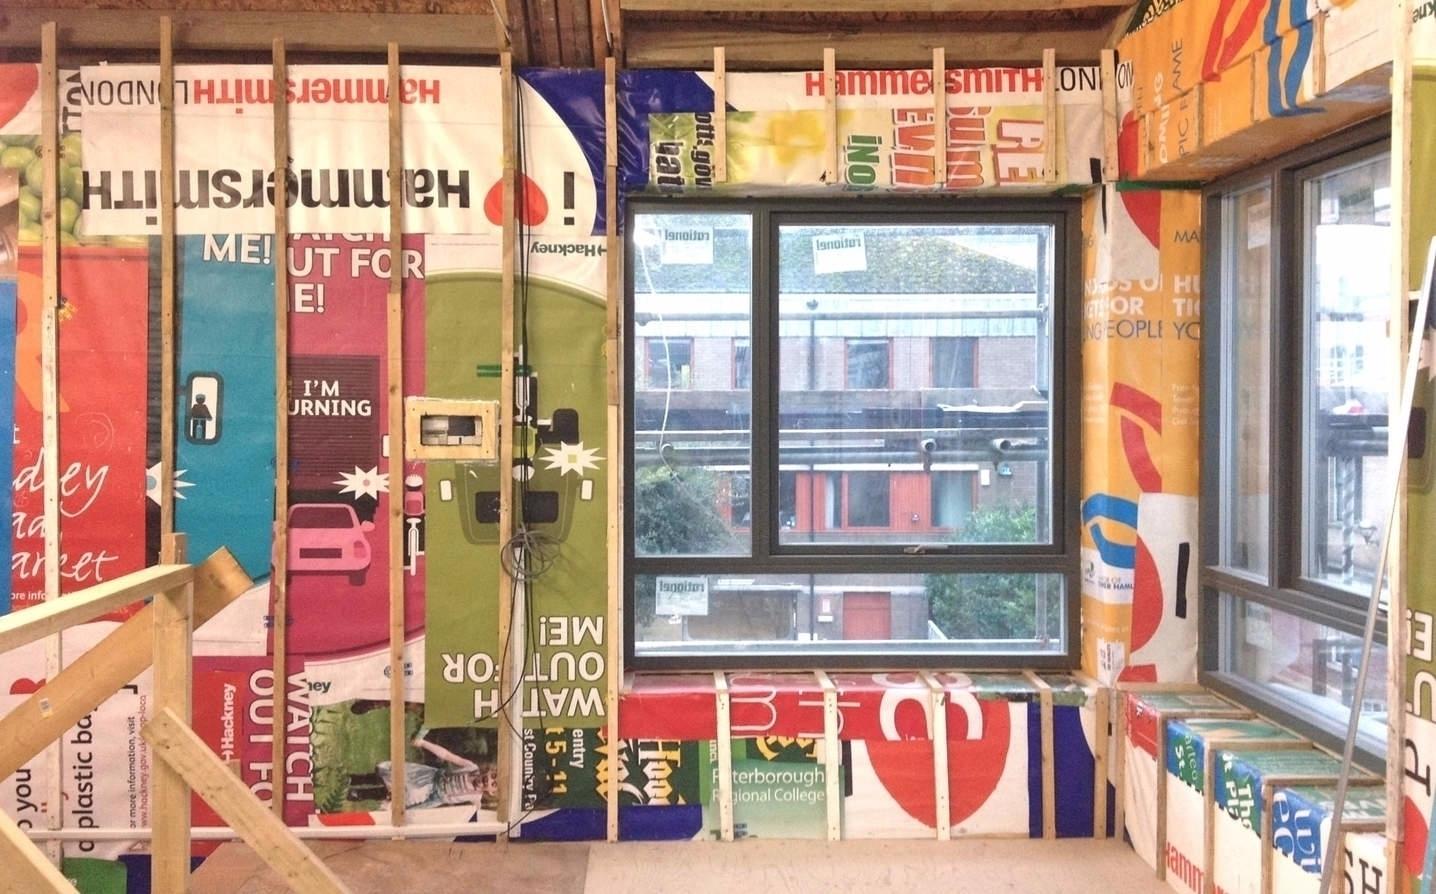 WASTE HOUSE, LIBRARY DISRUPT CI - innovativity_ | ello